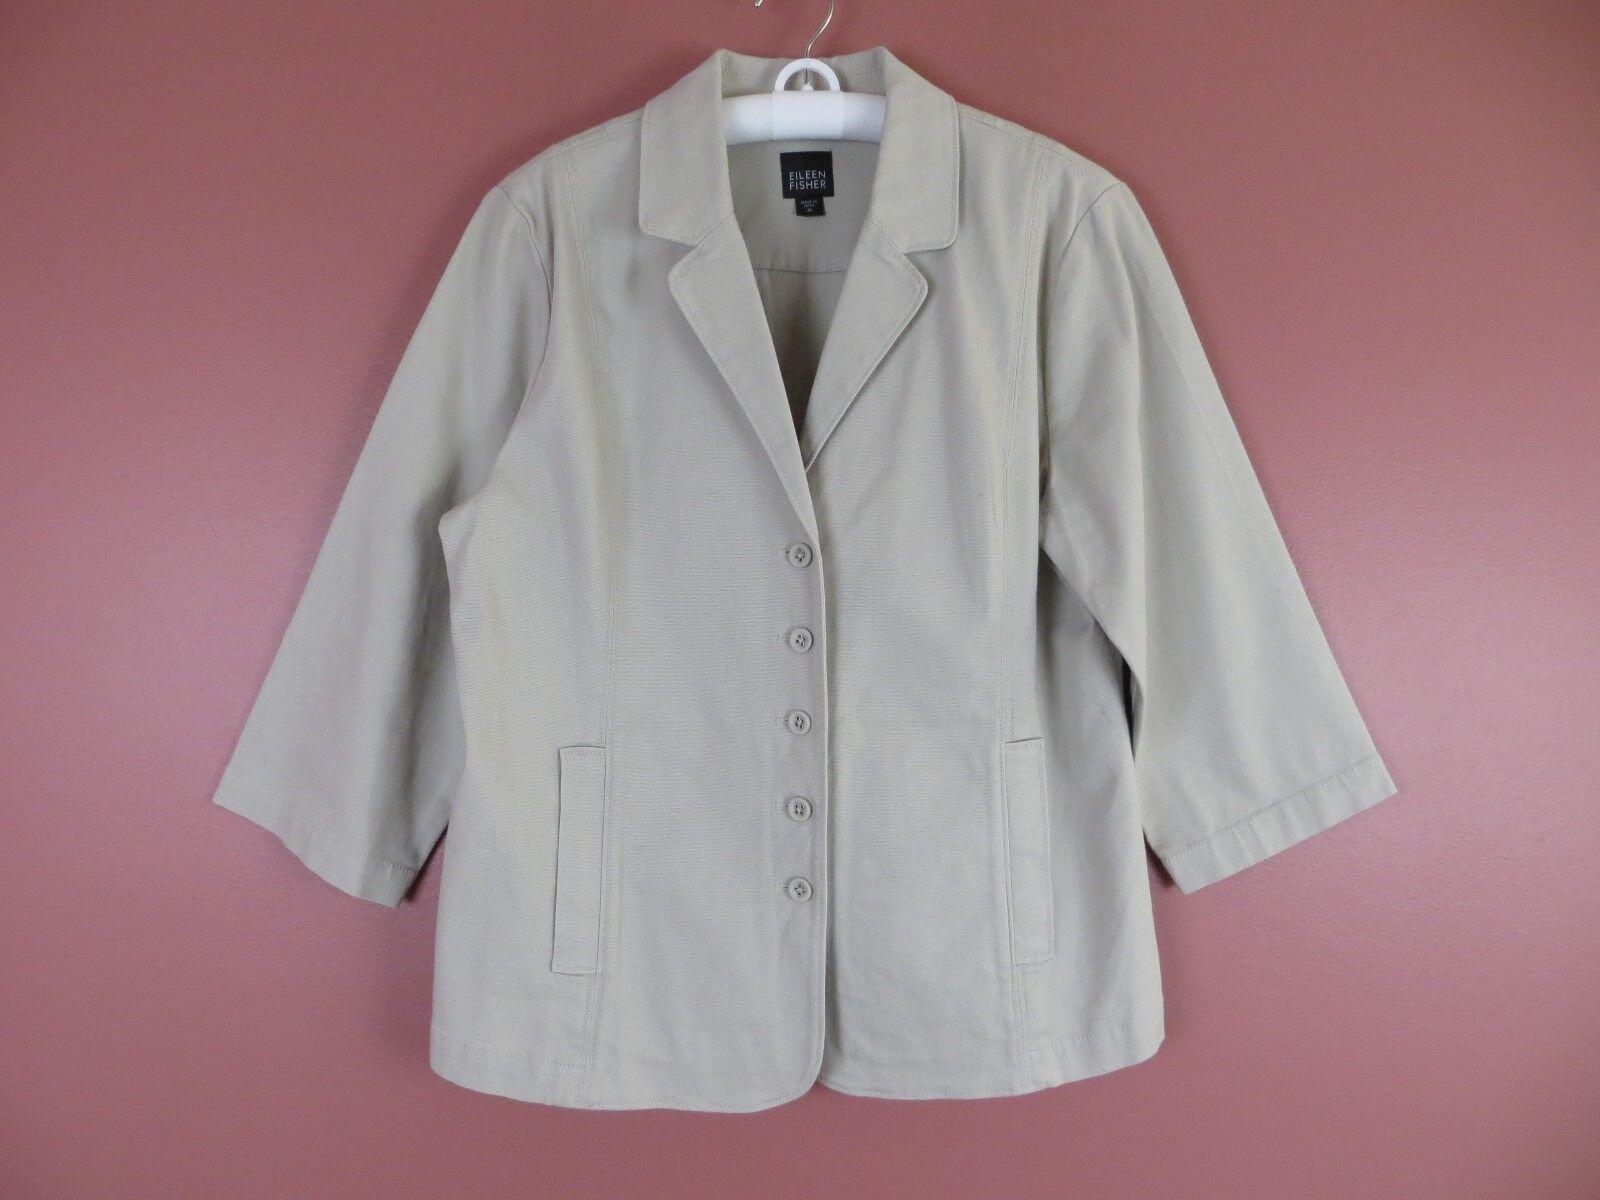 Cj0519- Eileen Fisher Damen 97% Organische Baumwolle Knopfverschluss Jacke Khaki